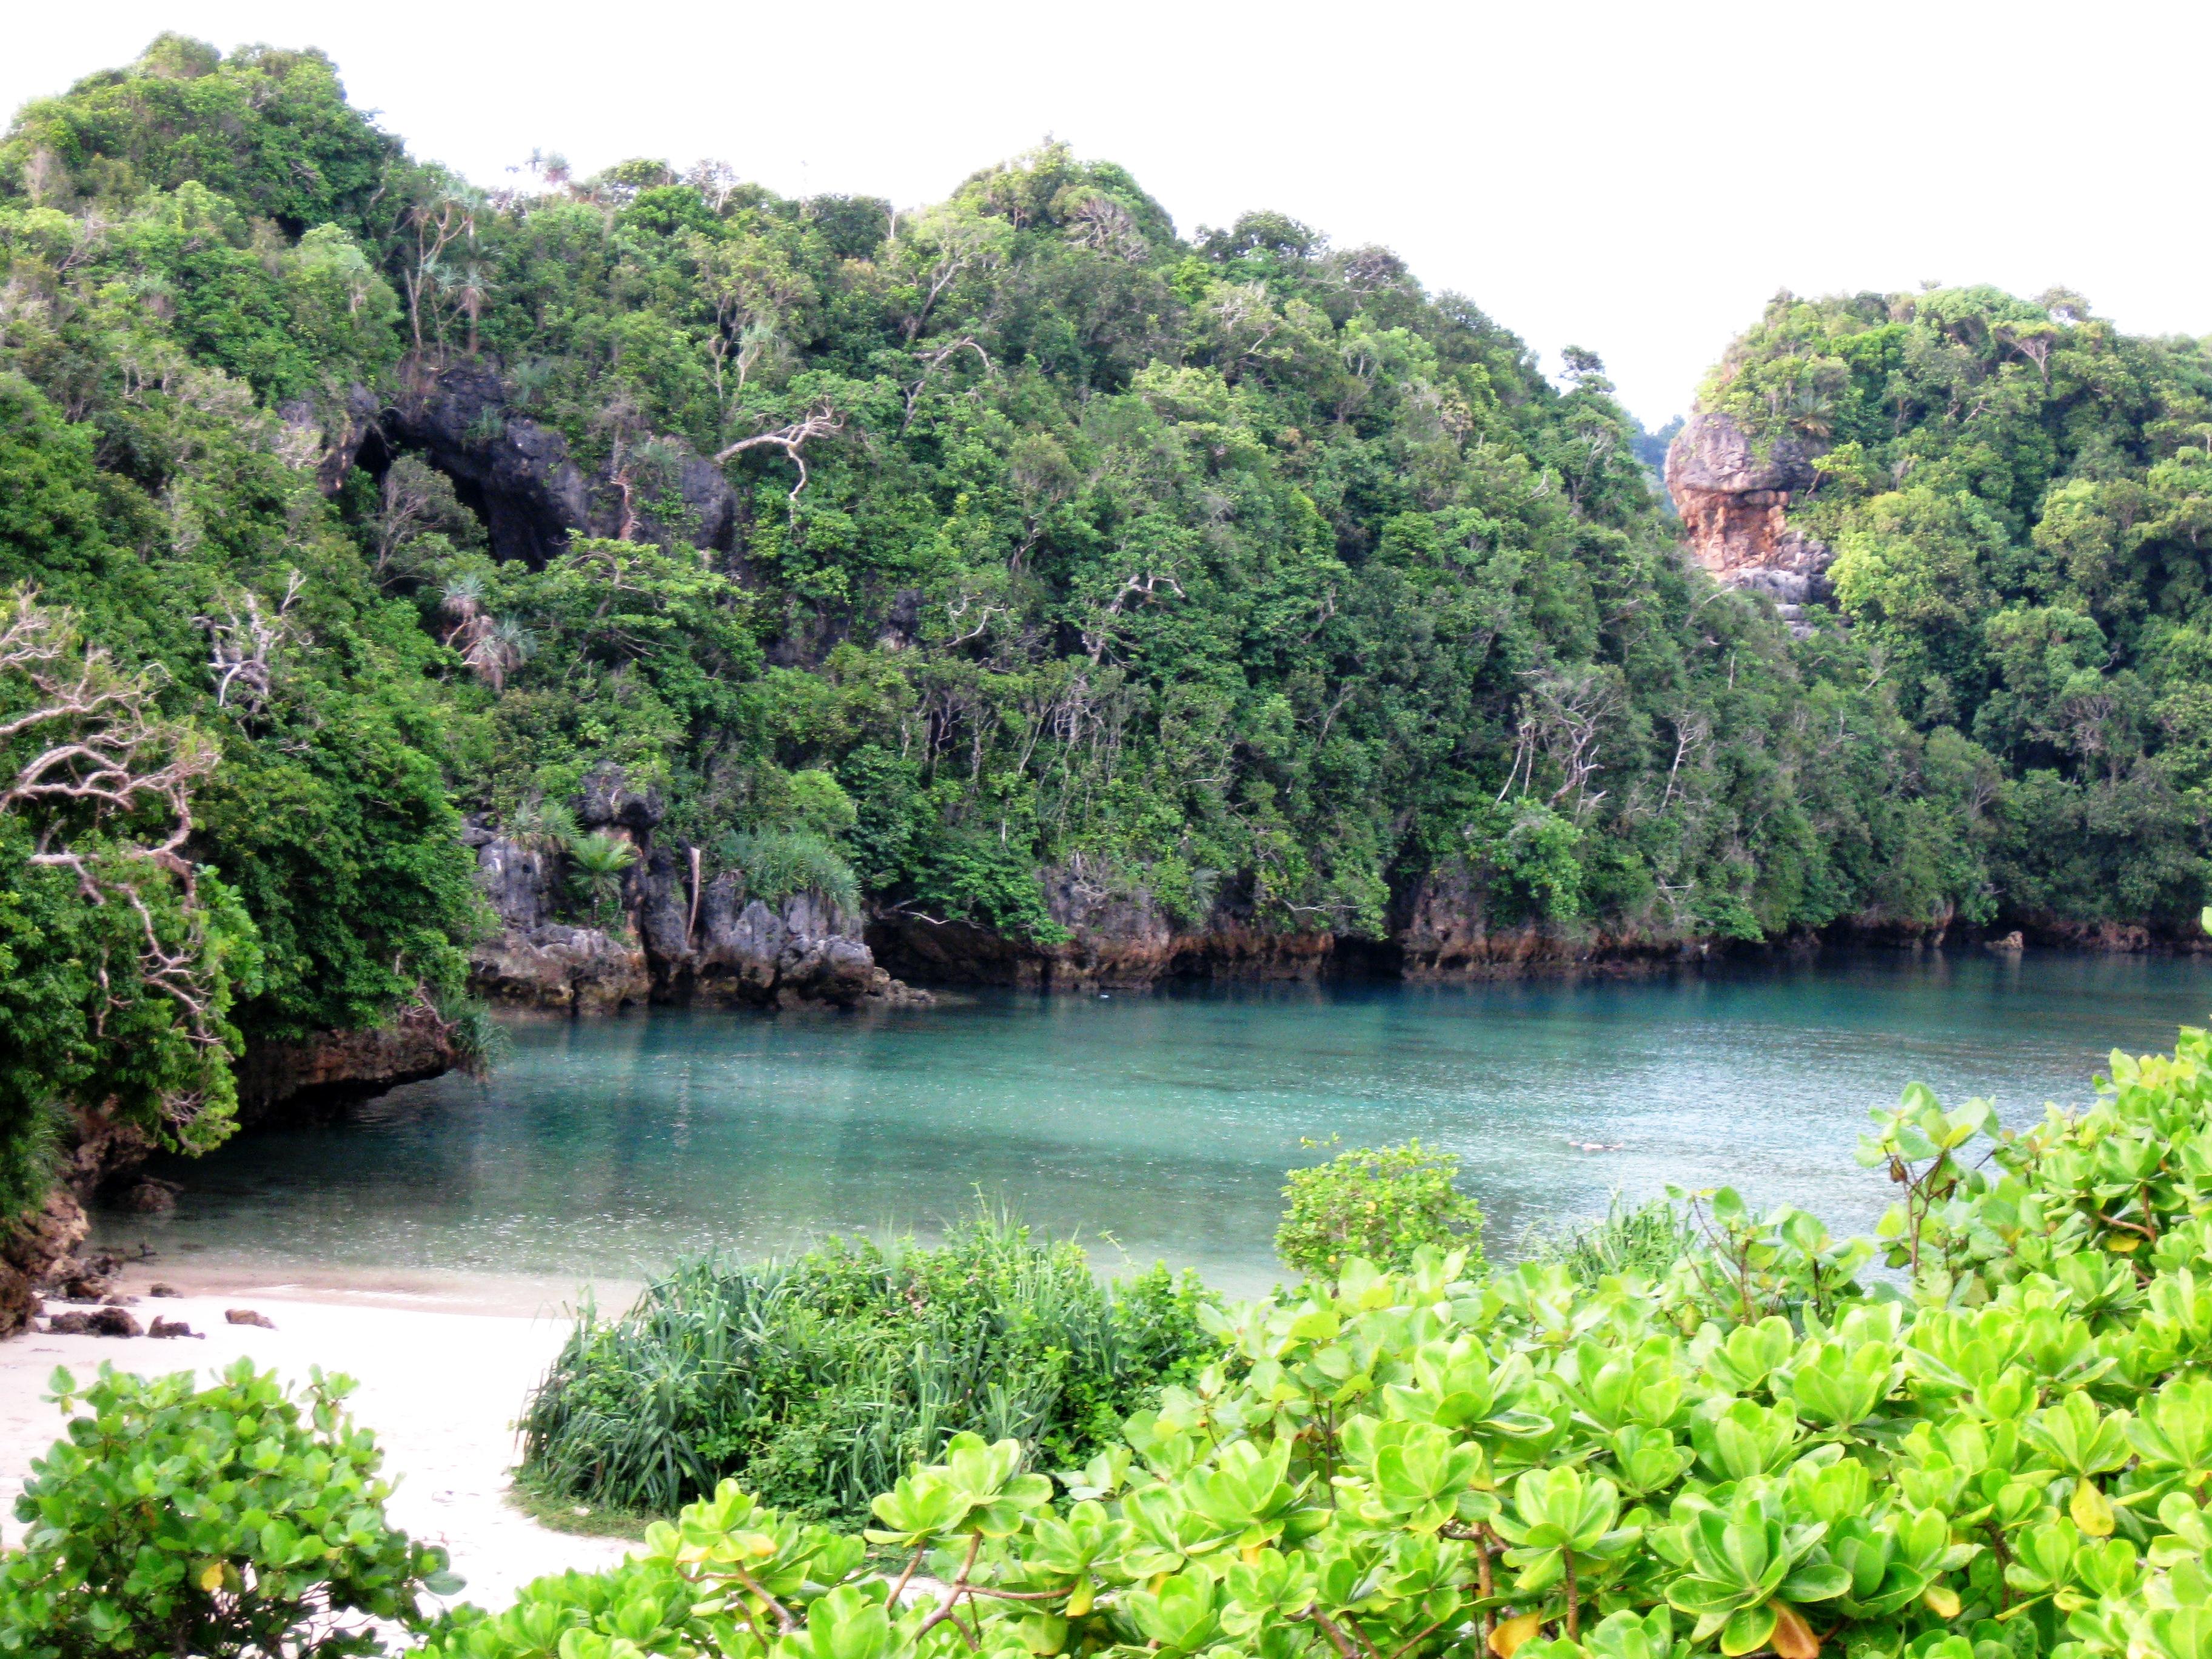 Segara Anakan, Pulau Sempu